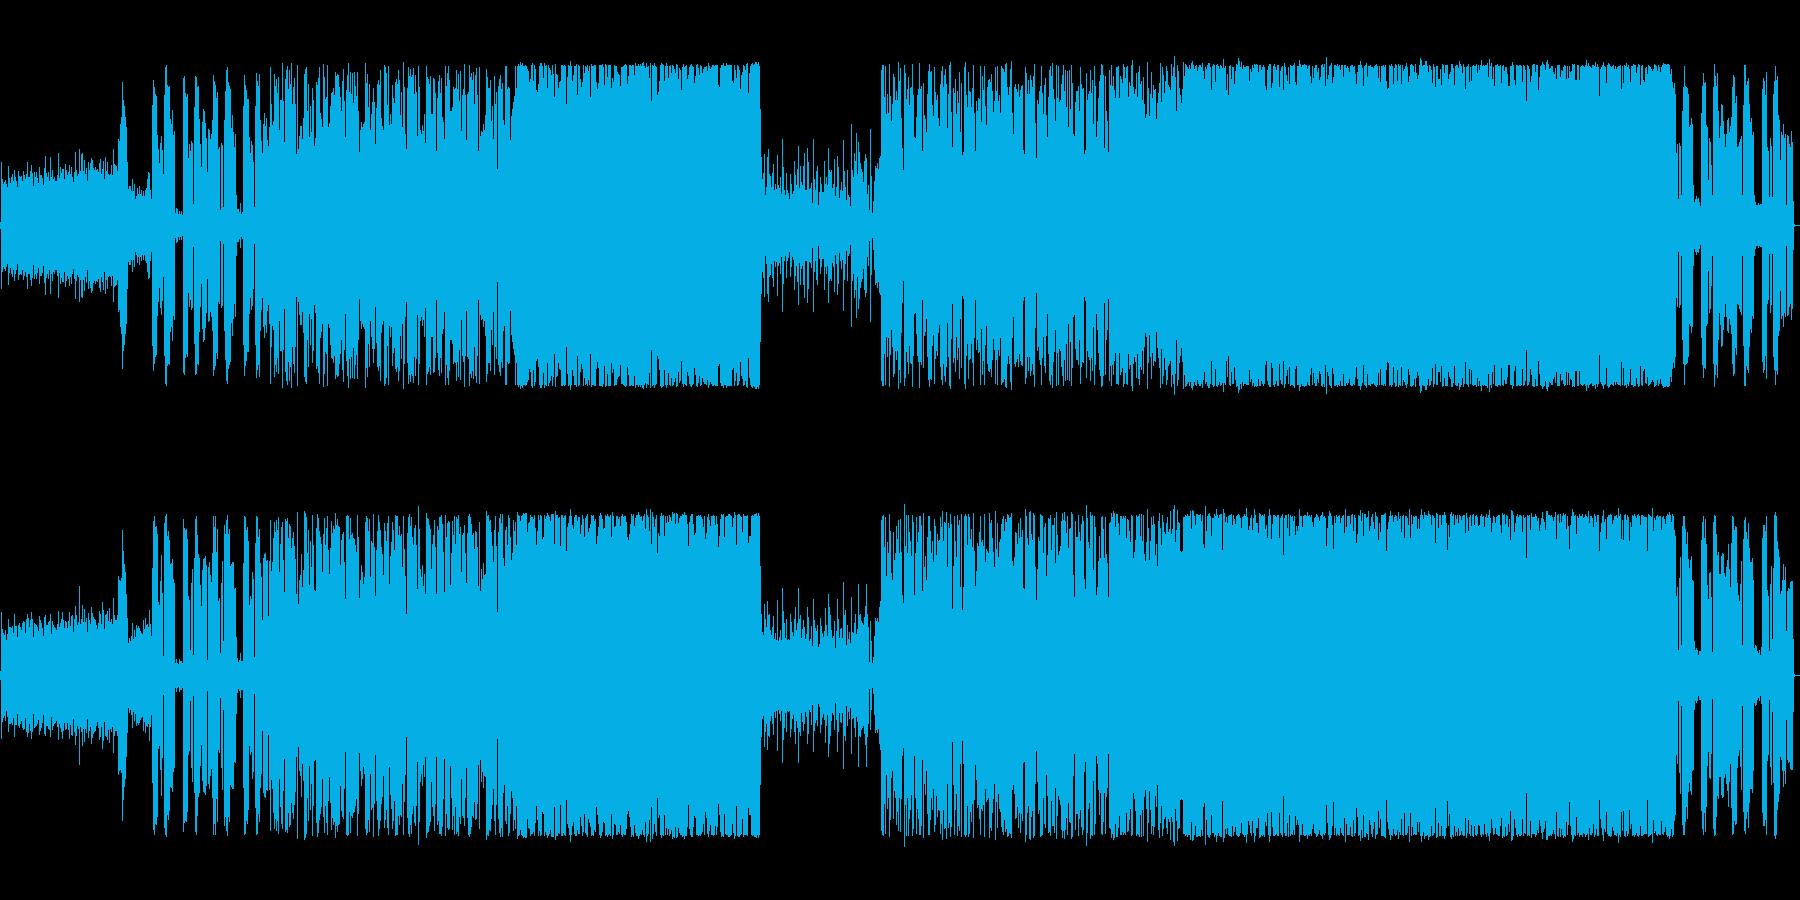 シンセを駆使したハードロックの再生済みの波形